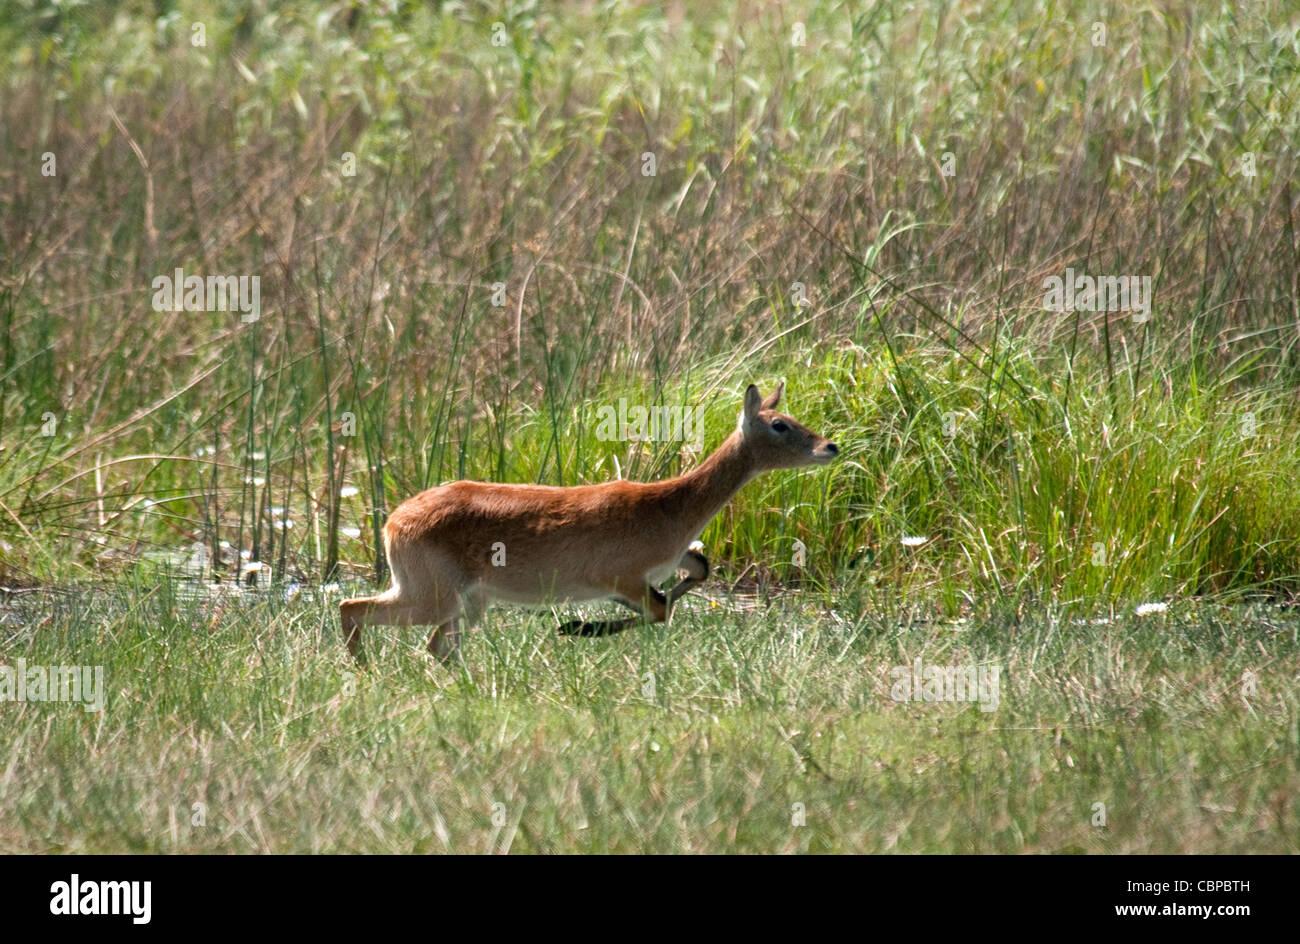 Africa Botswana Red Lechwe running - Stock Image